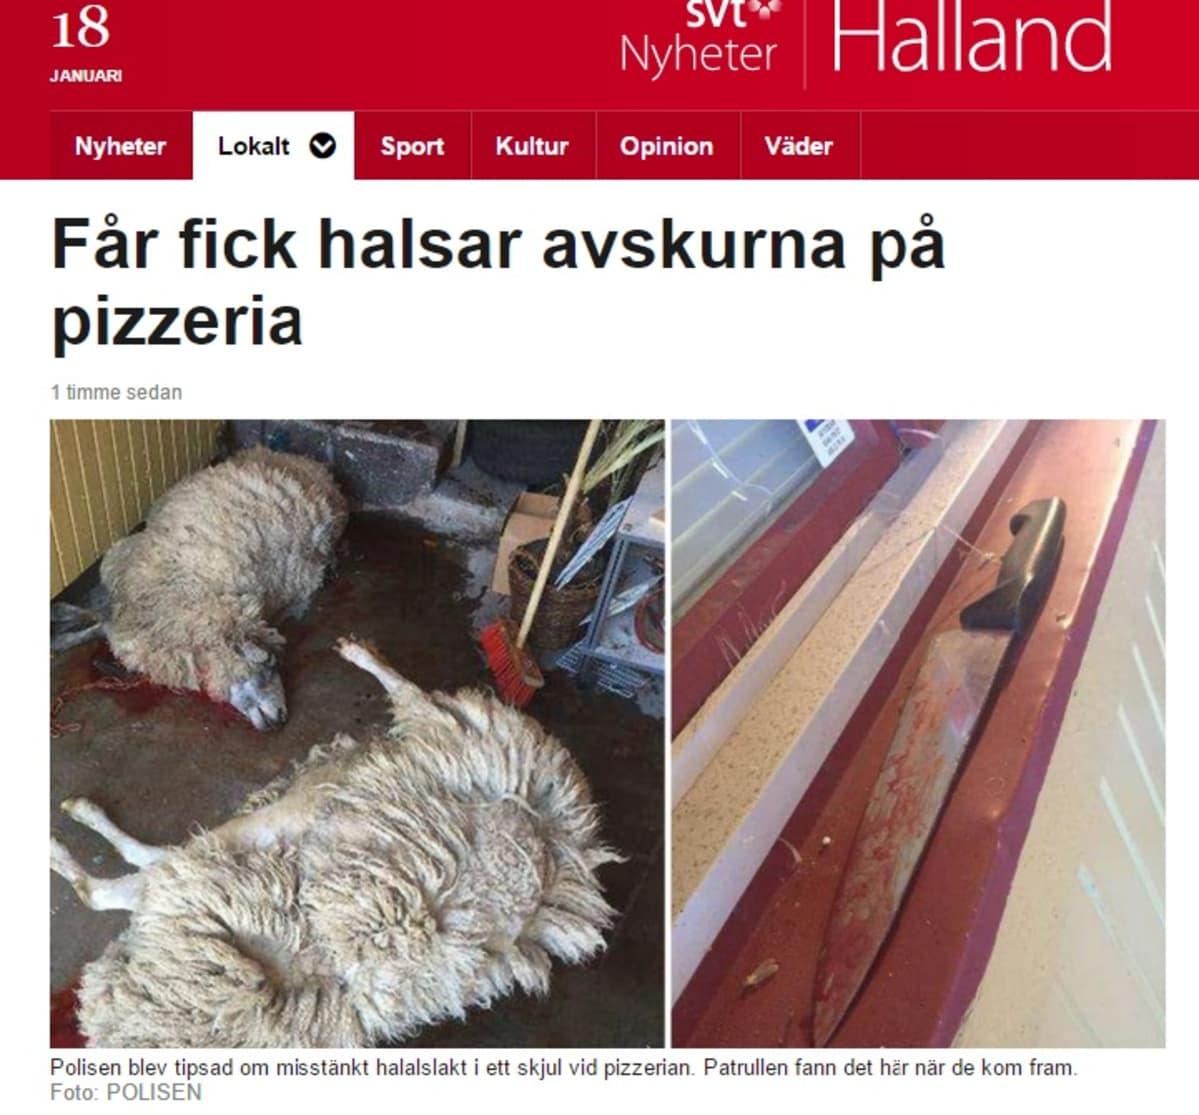 Poliisi löysi lampaat teurastettuina pizzerian vajasta Falkenbergissä kesäkuussa